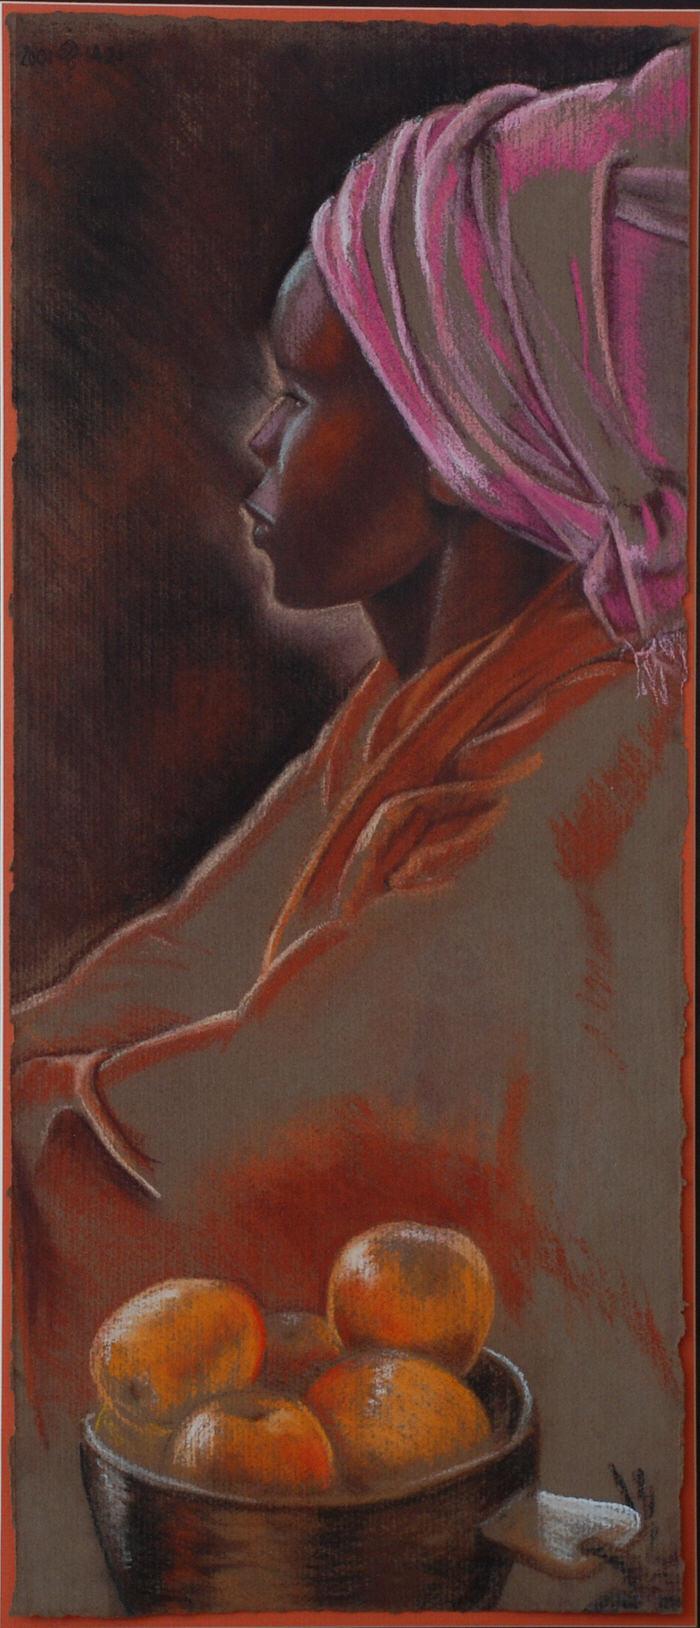 Maggi, 2001, Dry pastel, 29 x 66 cm